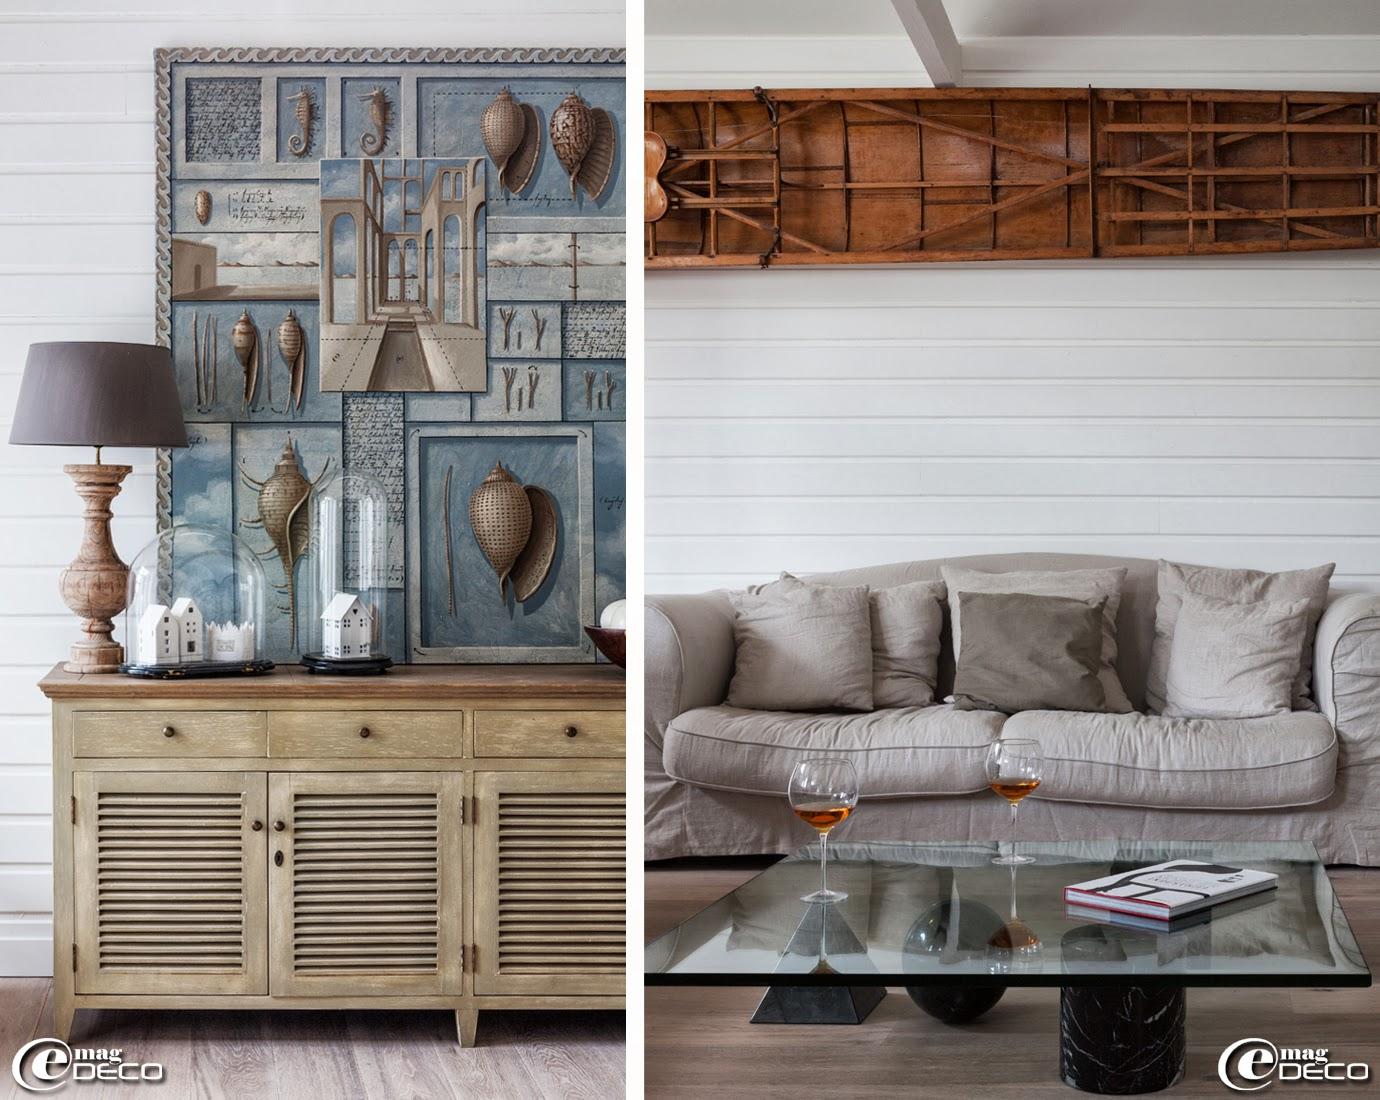 Simplement posé sur un buffet en bois, un tableau d'Eric Peyret. Dans un salon, une table basse 'Metafora' dessinée par Lella et Massimo Vignelli, accroché au mur, un skif chiné chez un antiquaire